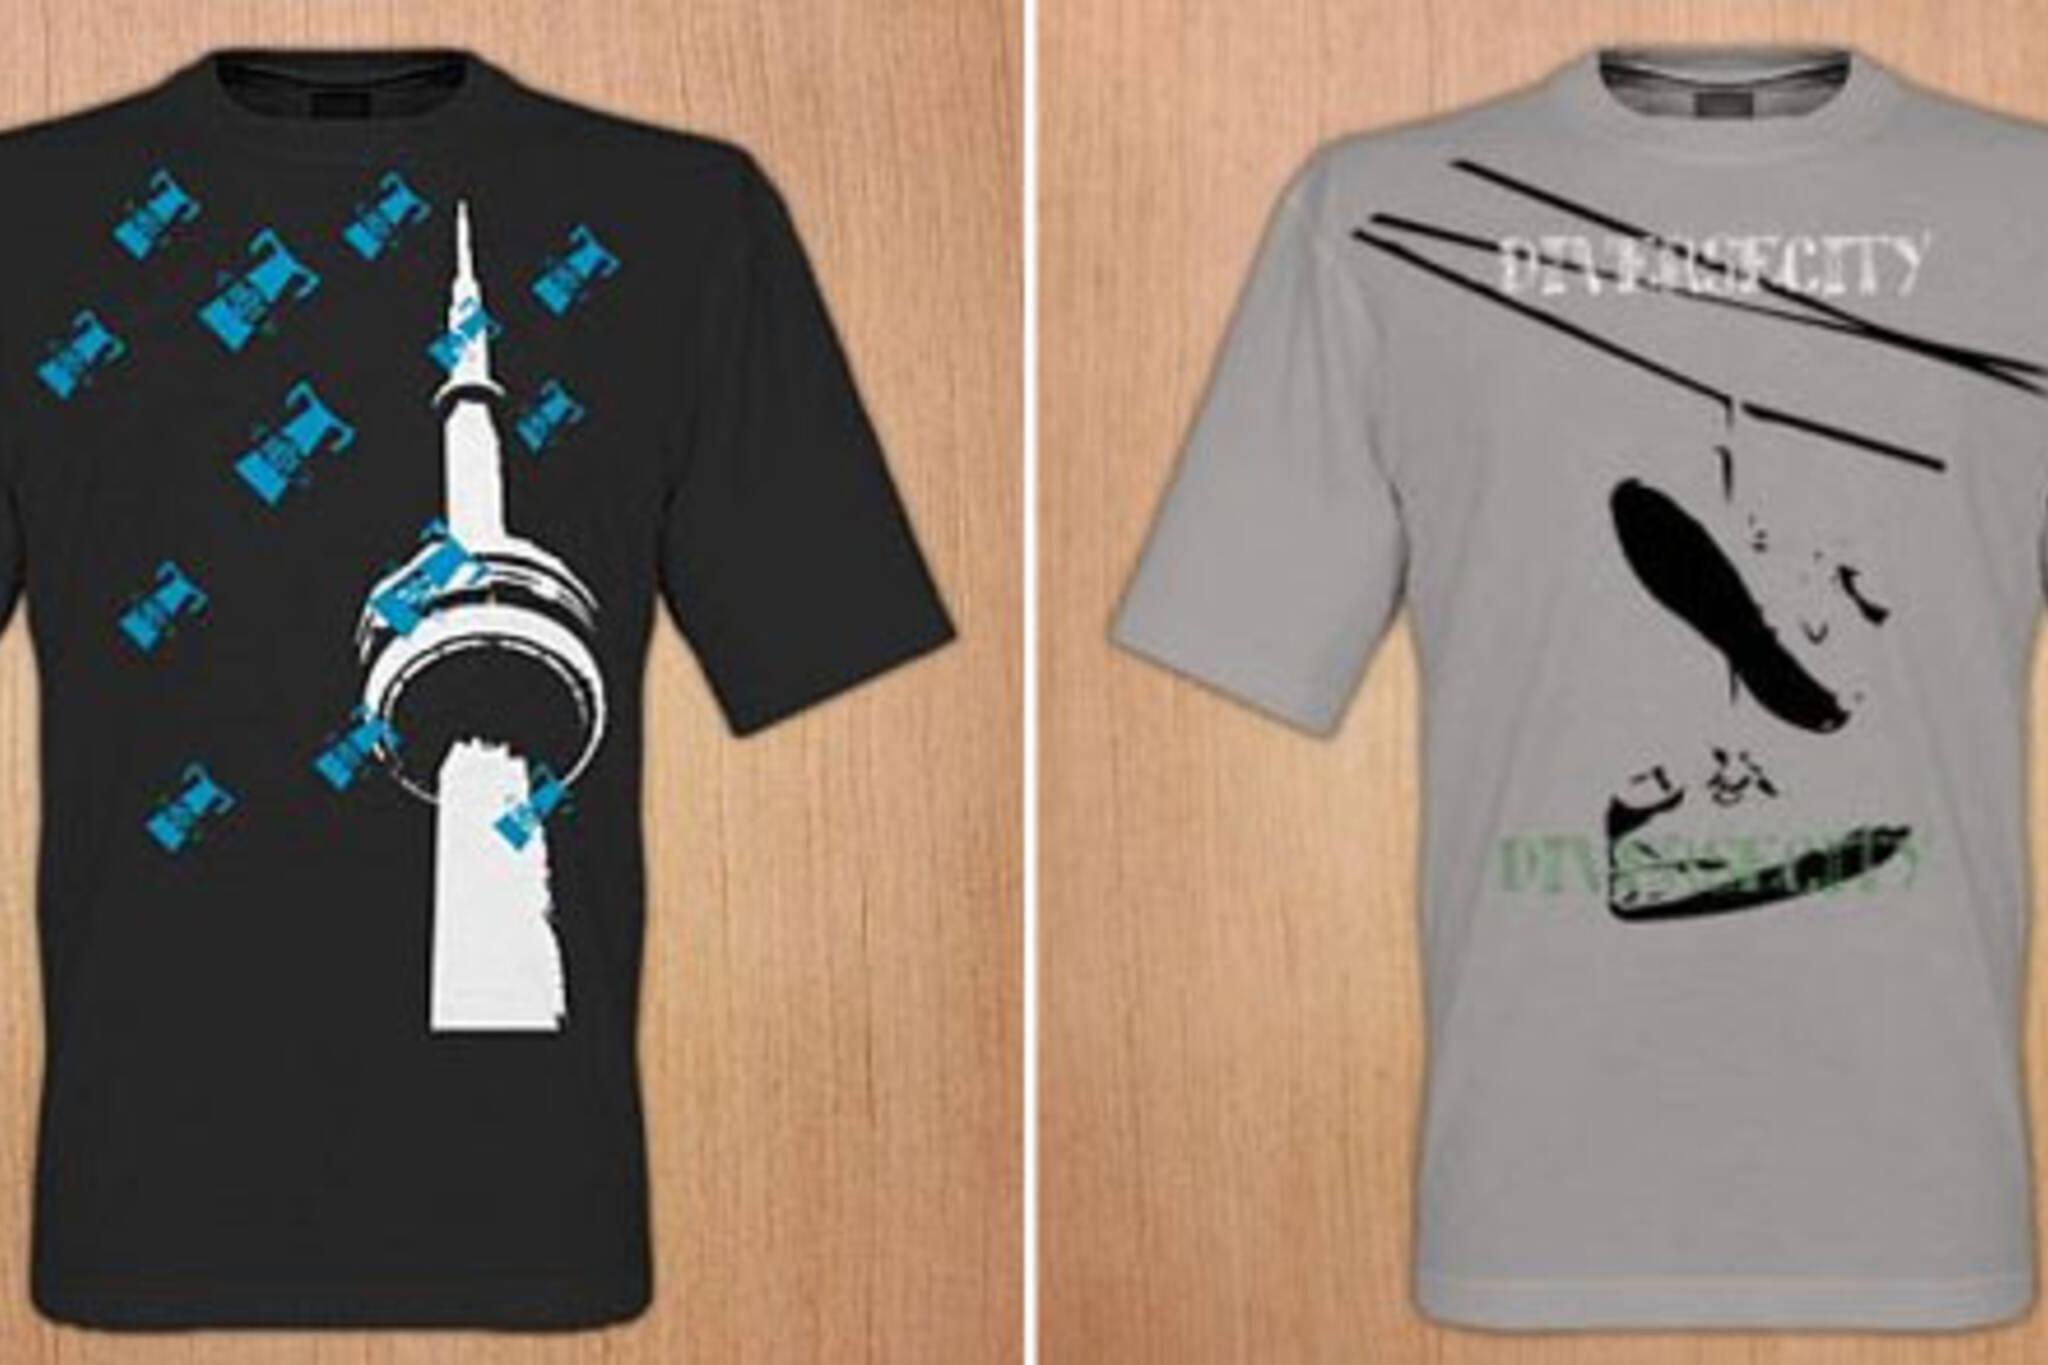 Toronto t-shirts